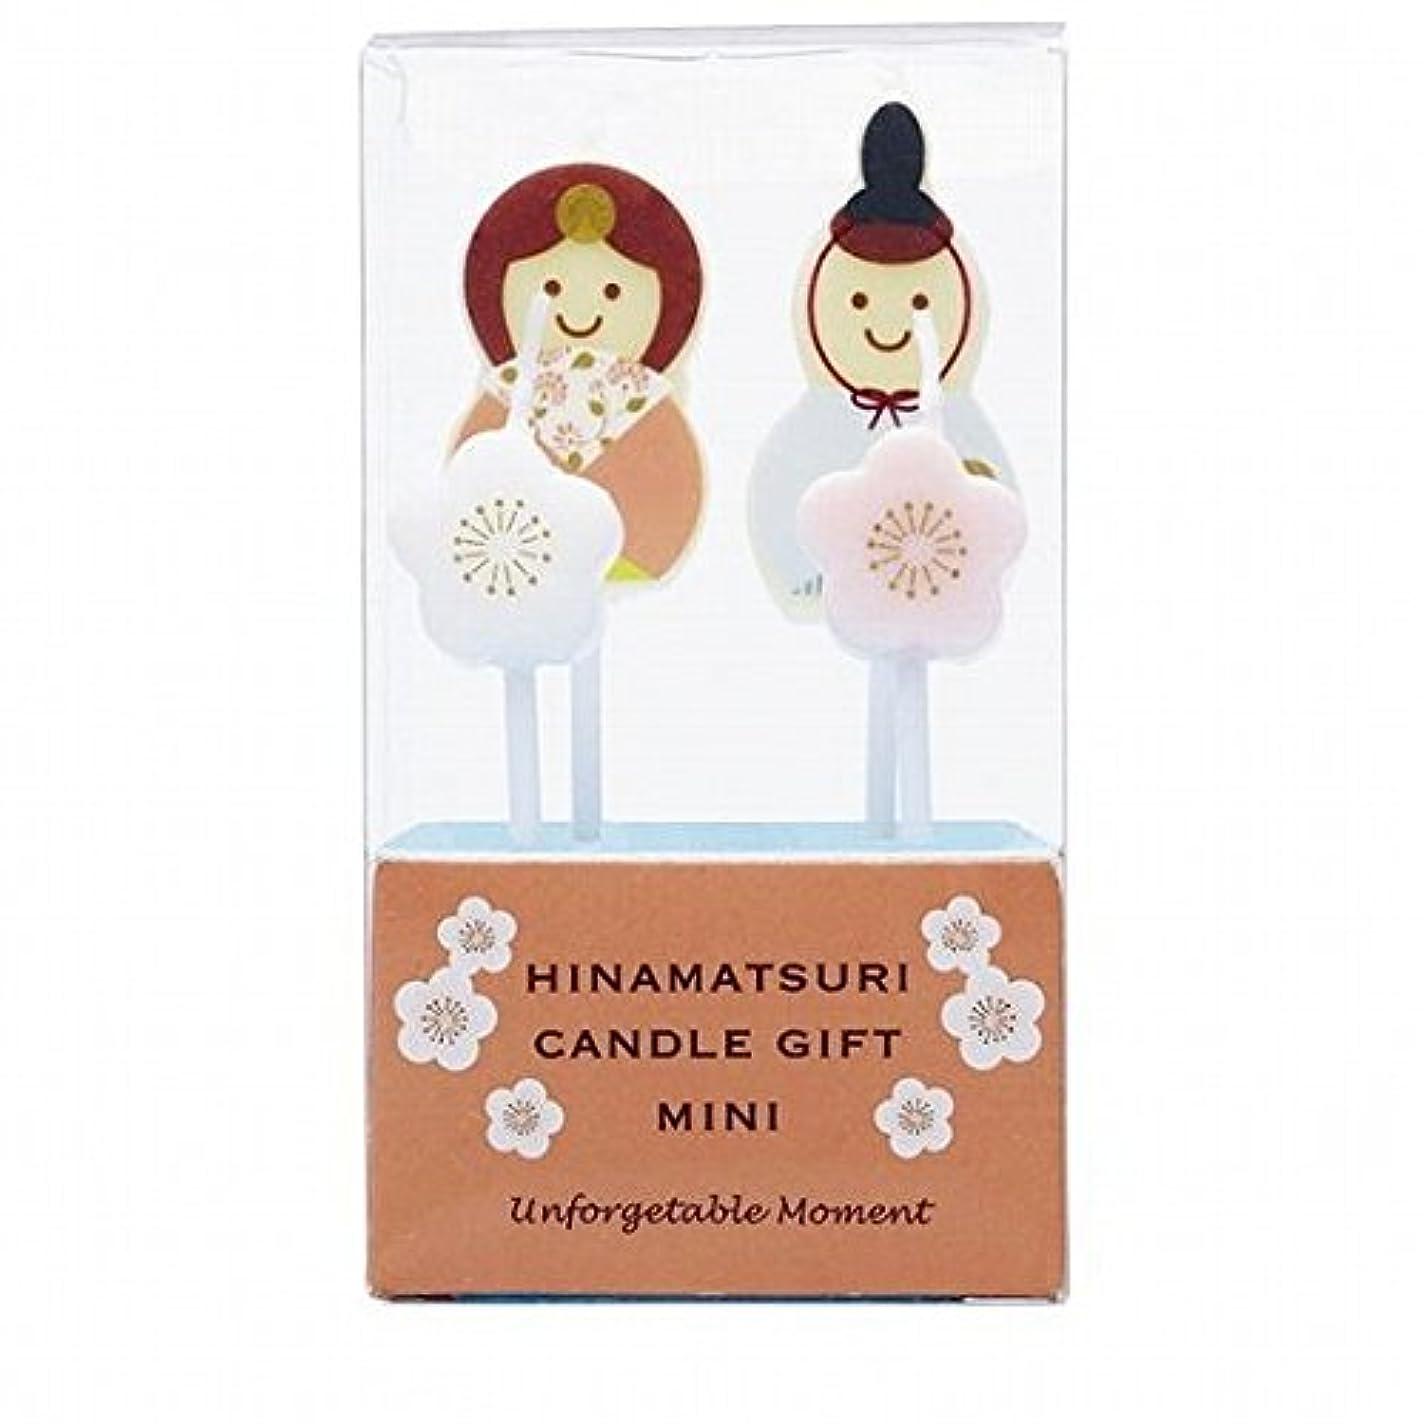 法律により承認いくつかのkameyama candle(カメヤマキャンドル) ひなまつりキャンドルギフトミニ(55350080)